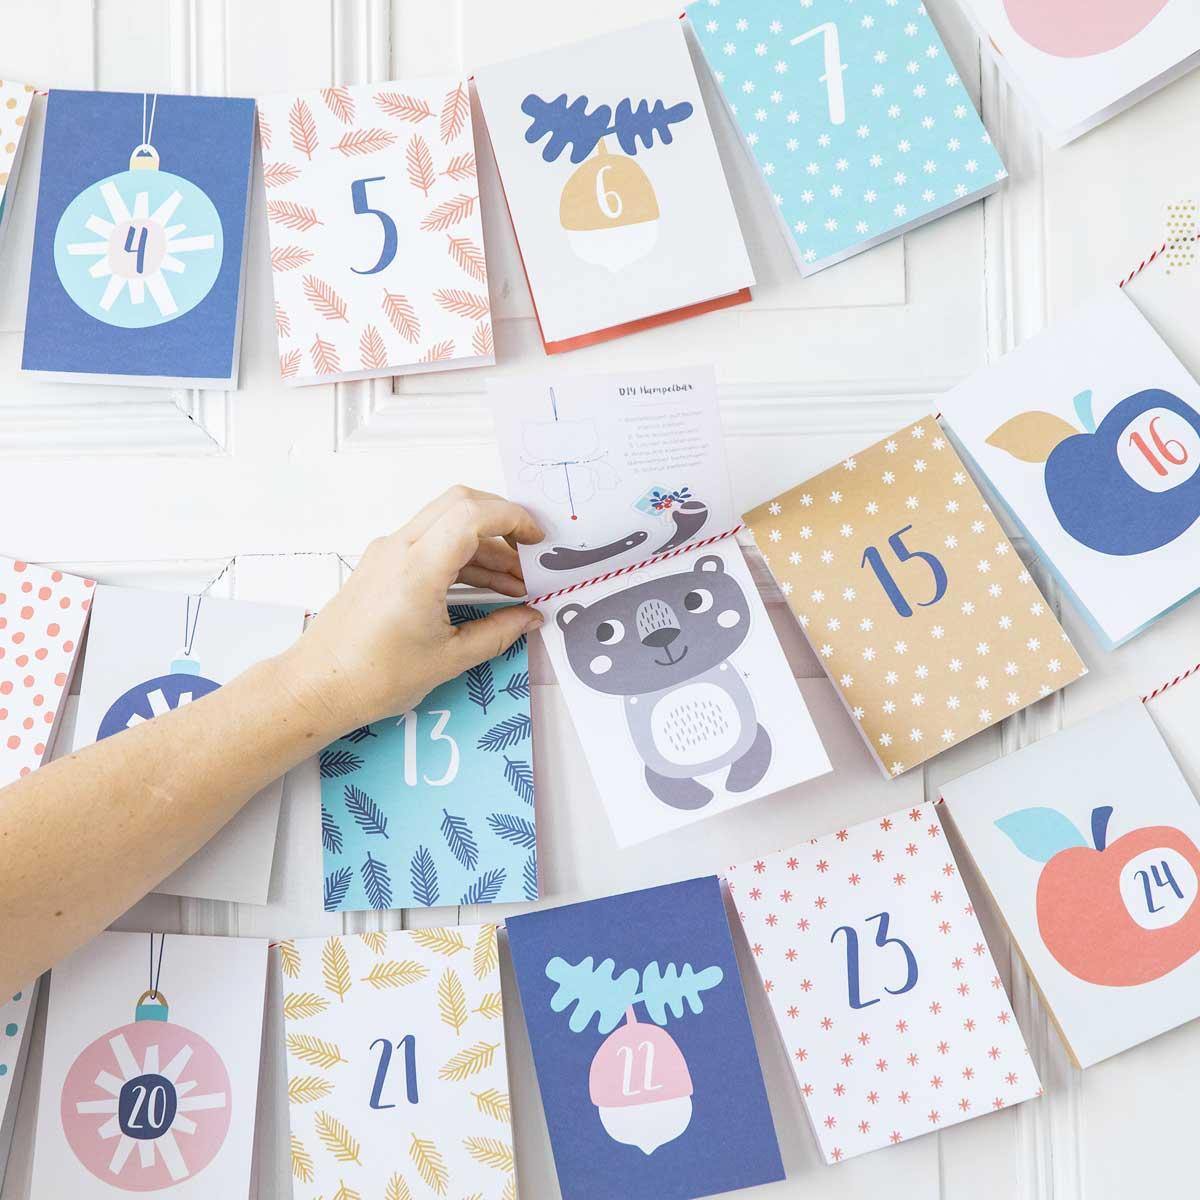 Ideen Für Adventskalender Baby.Baby Adventskalender